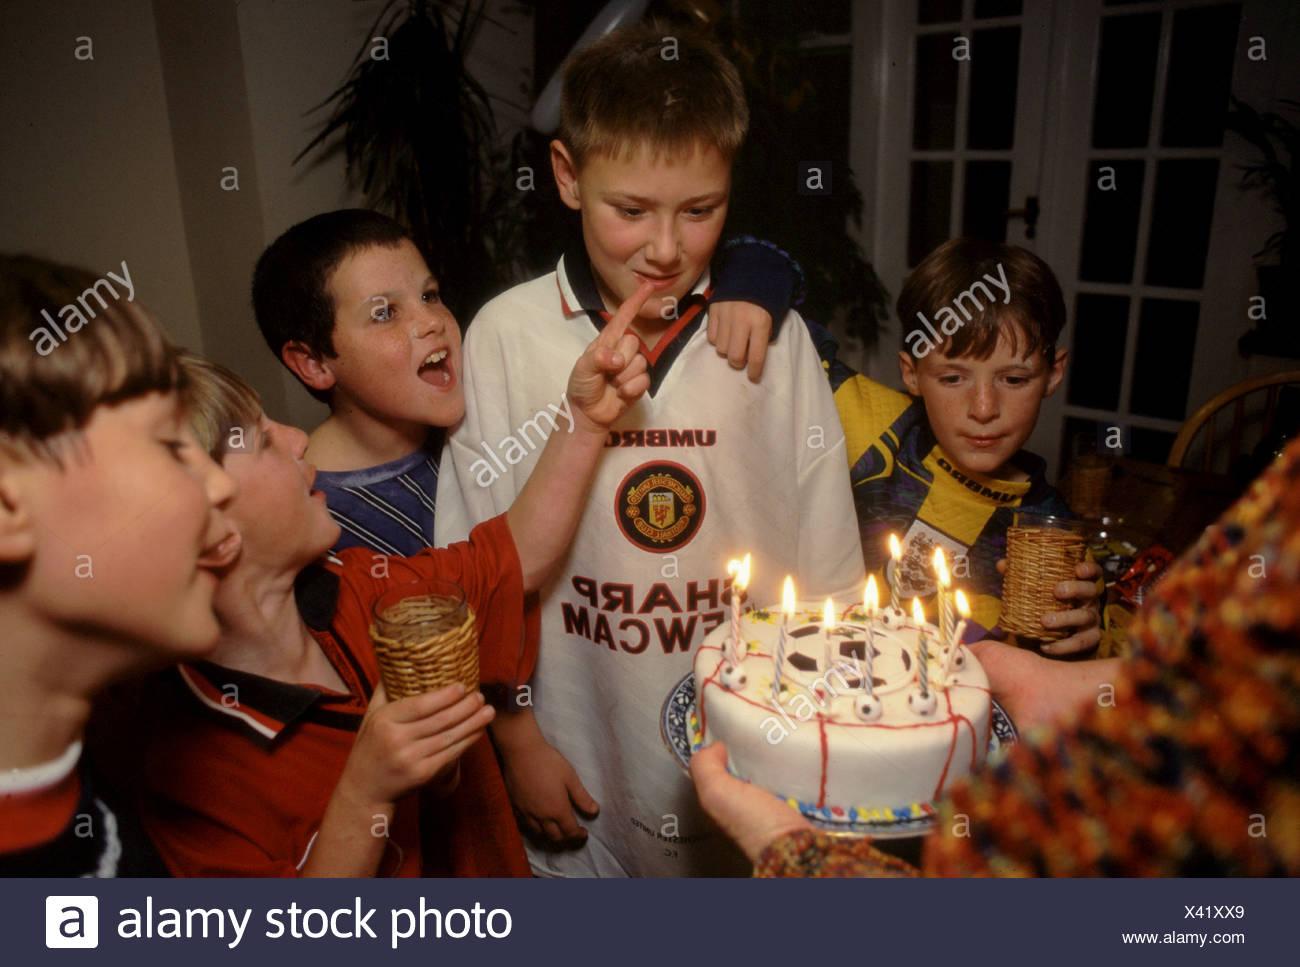 Geburtstagstorte Auf Junge S 10 Geburtstagsparty Stockfoto Bild